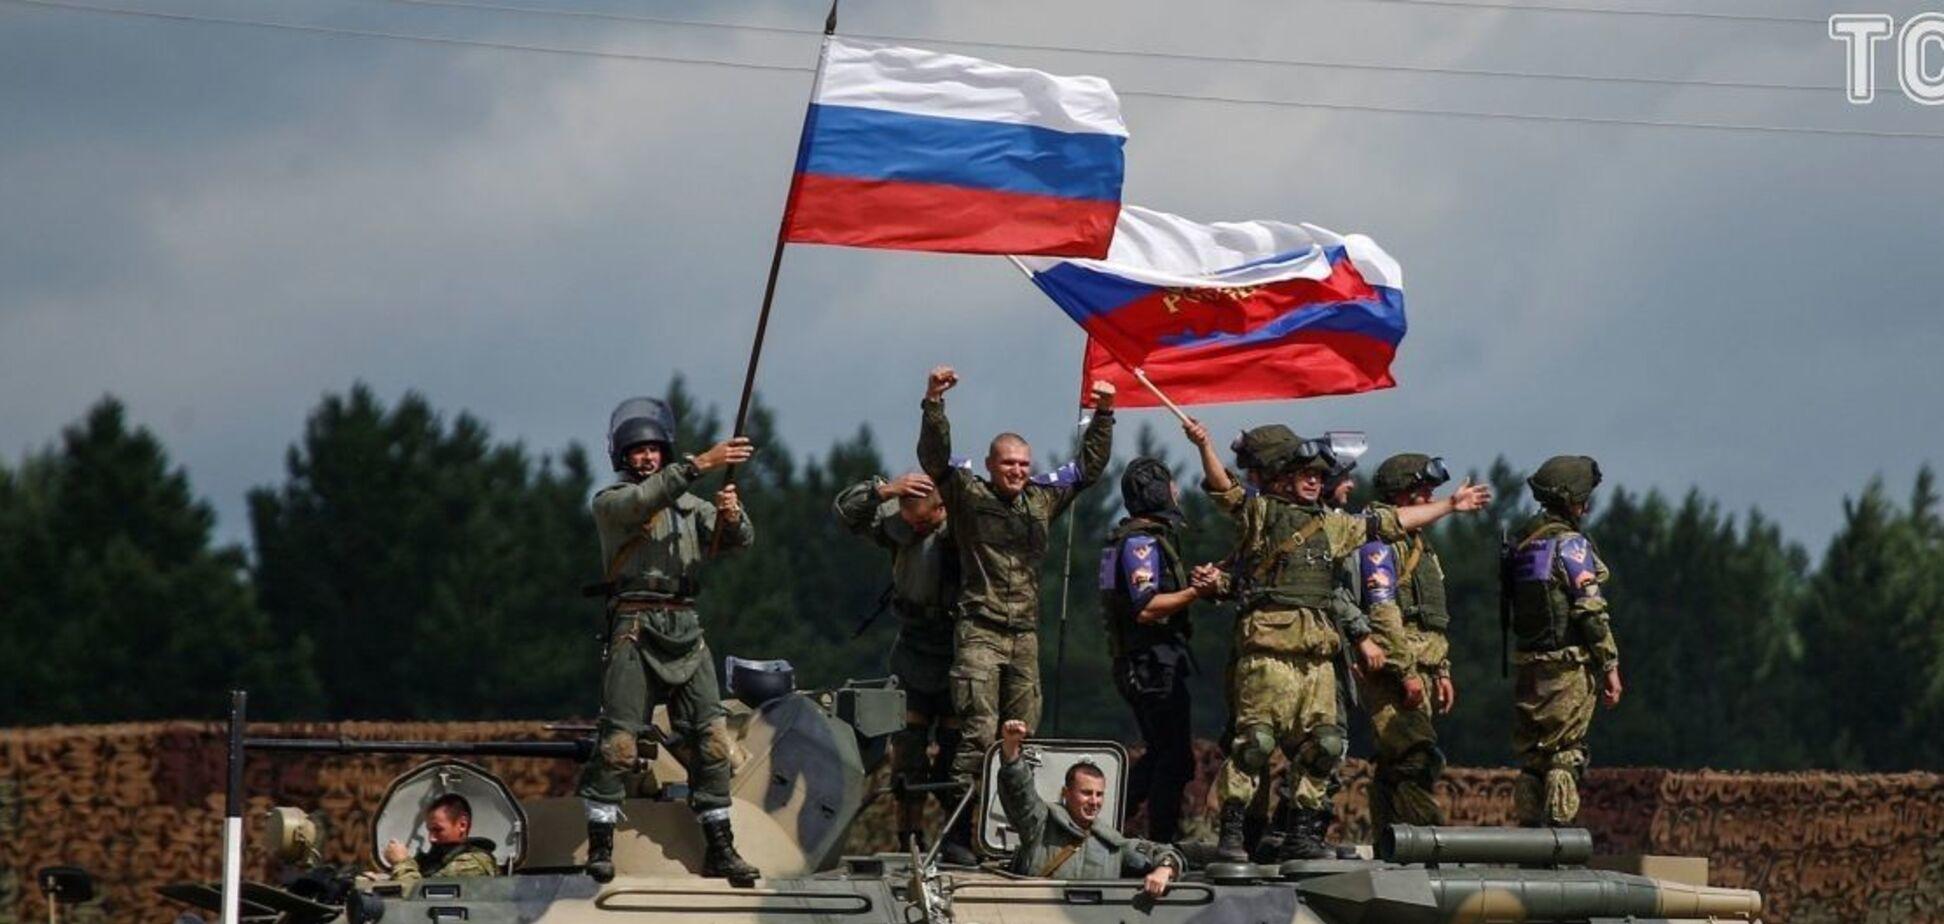 Наступление на Донбассе: в Украине оценили фактор 'выборов Путина'